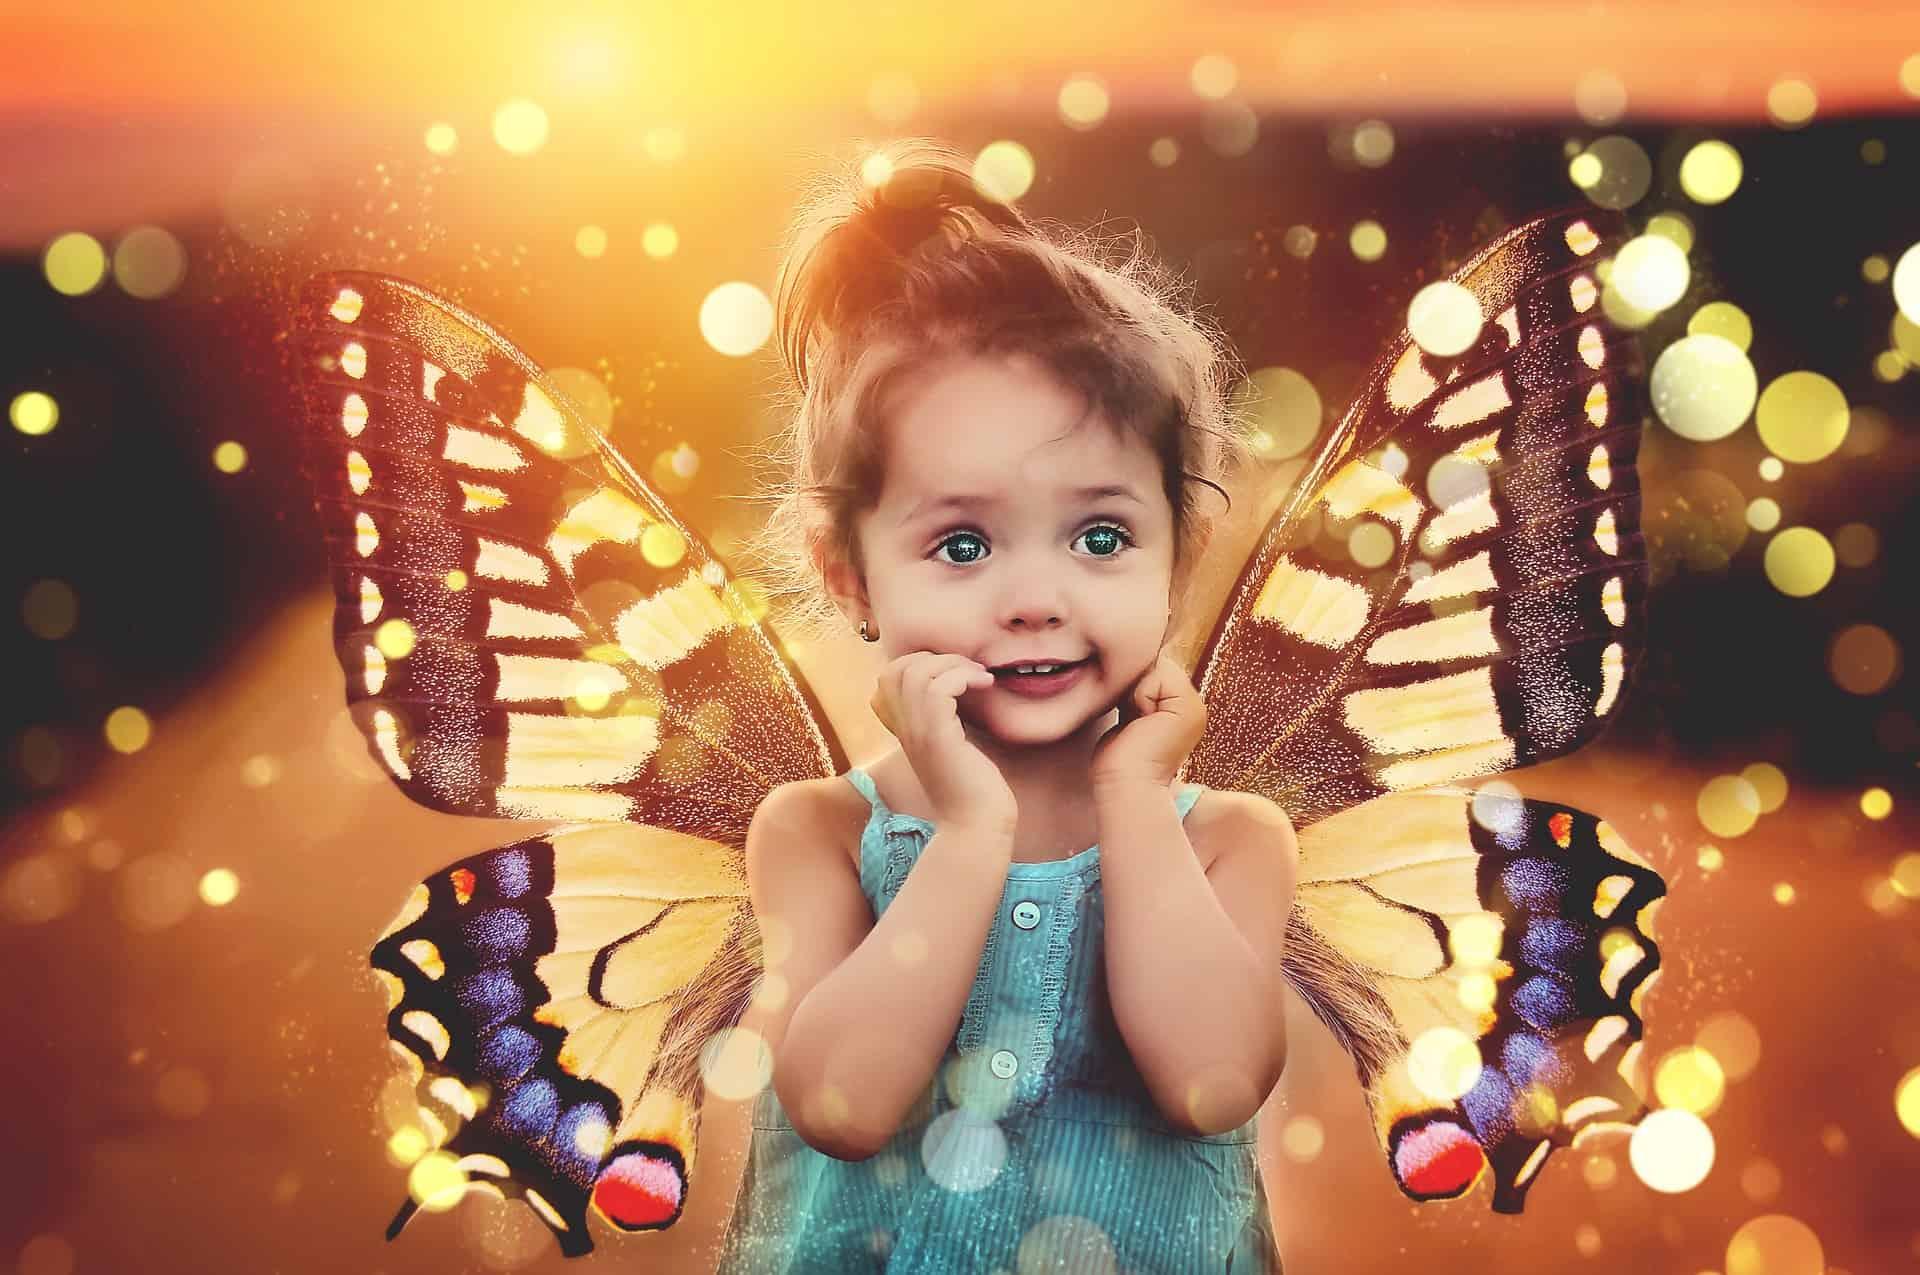 osteopahtie bei Kinderlosigkeit, Kind mit Flügeln